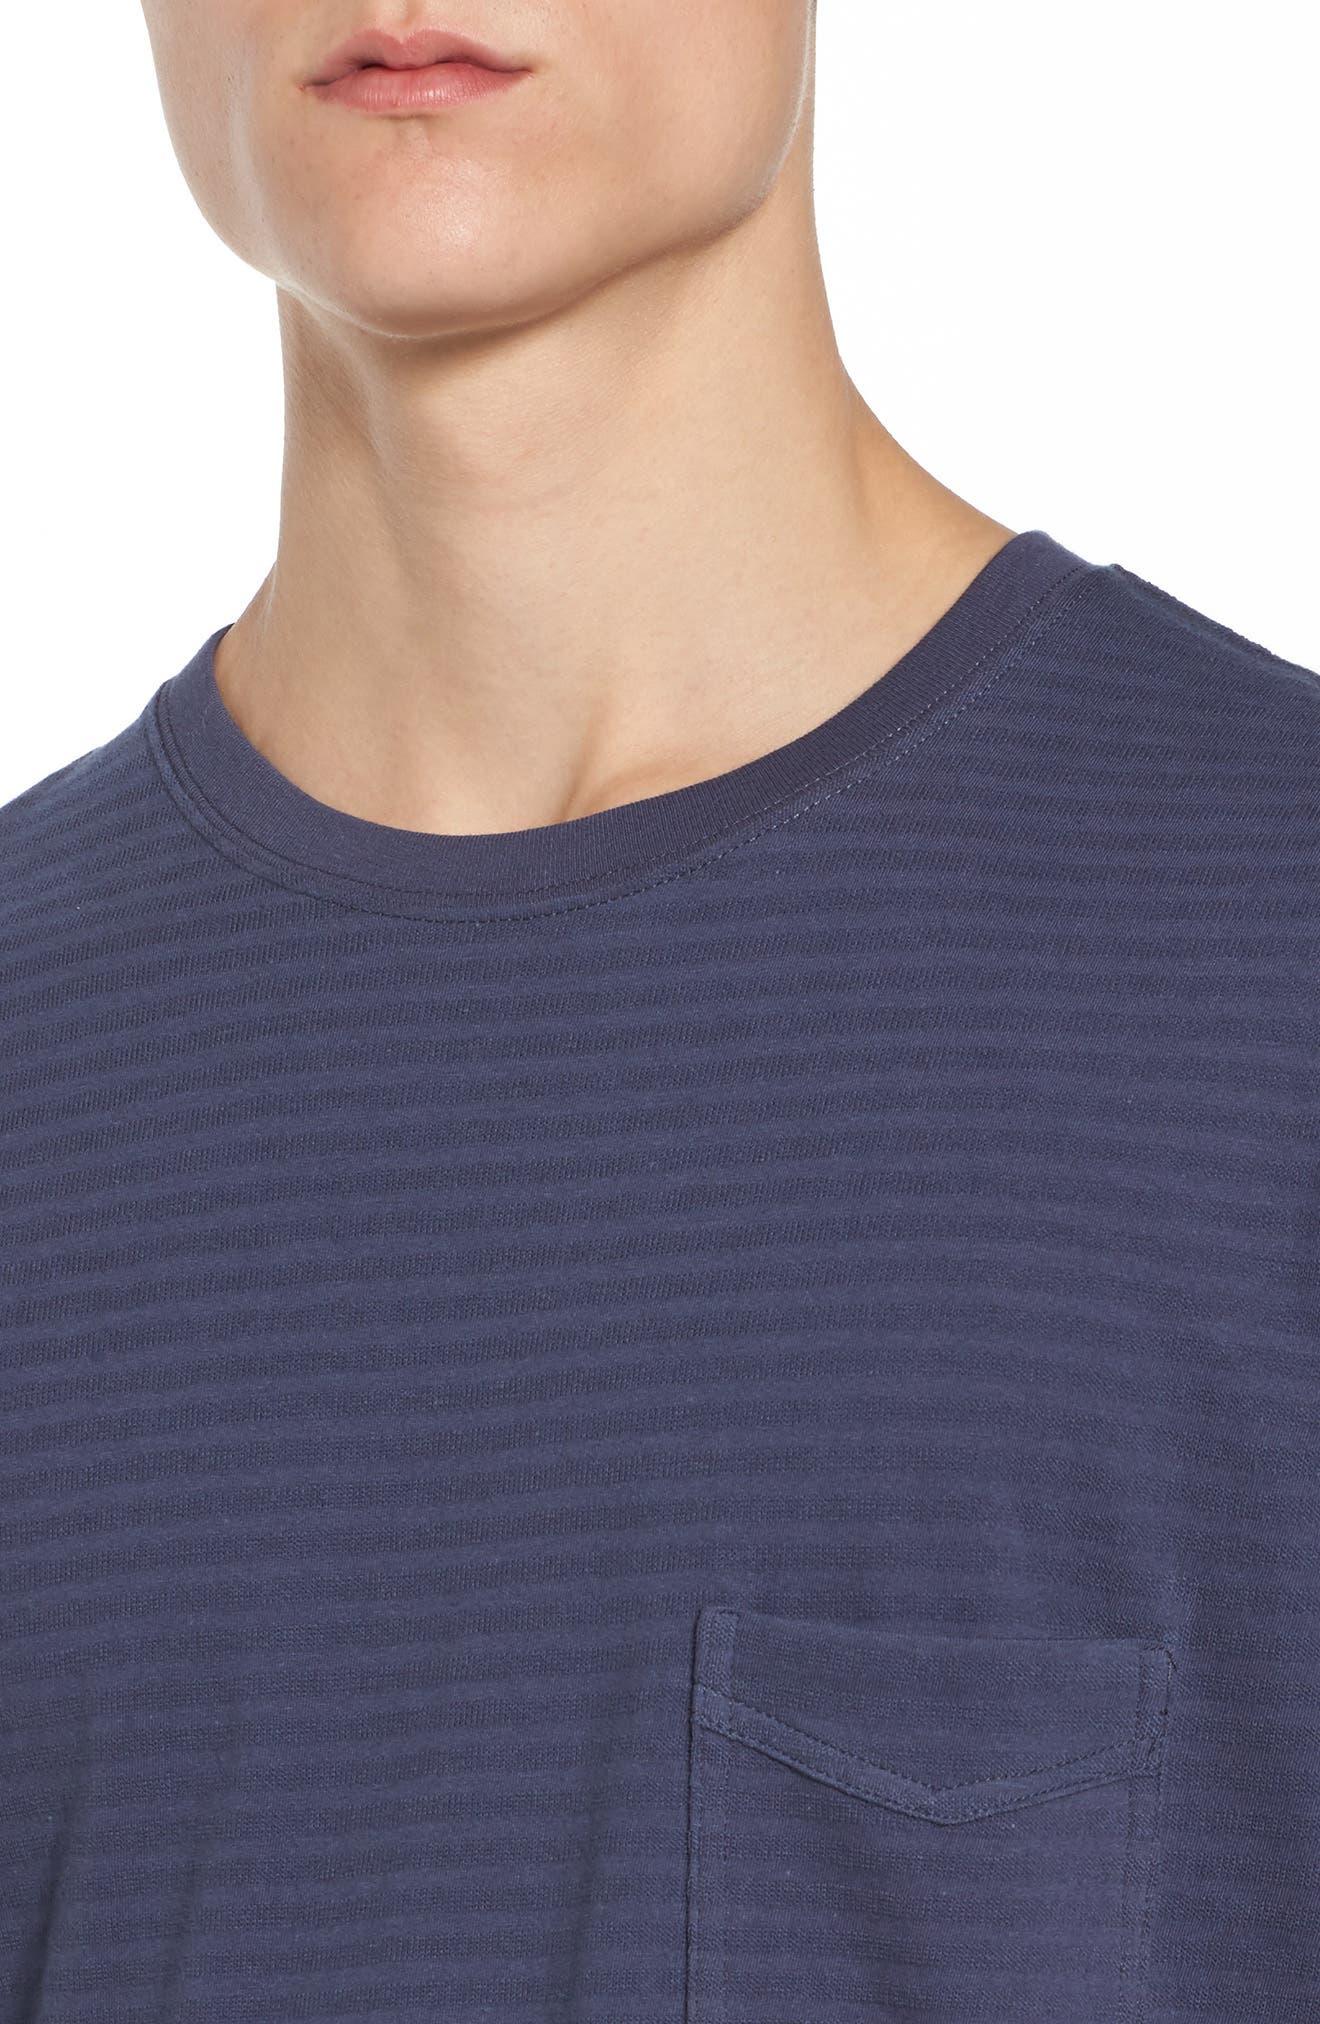 B. Elusive Pocket T-Shirt,                             Alternate thumbnail 4, color,                             Slate